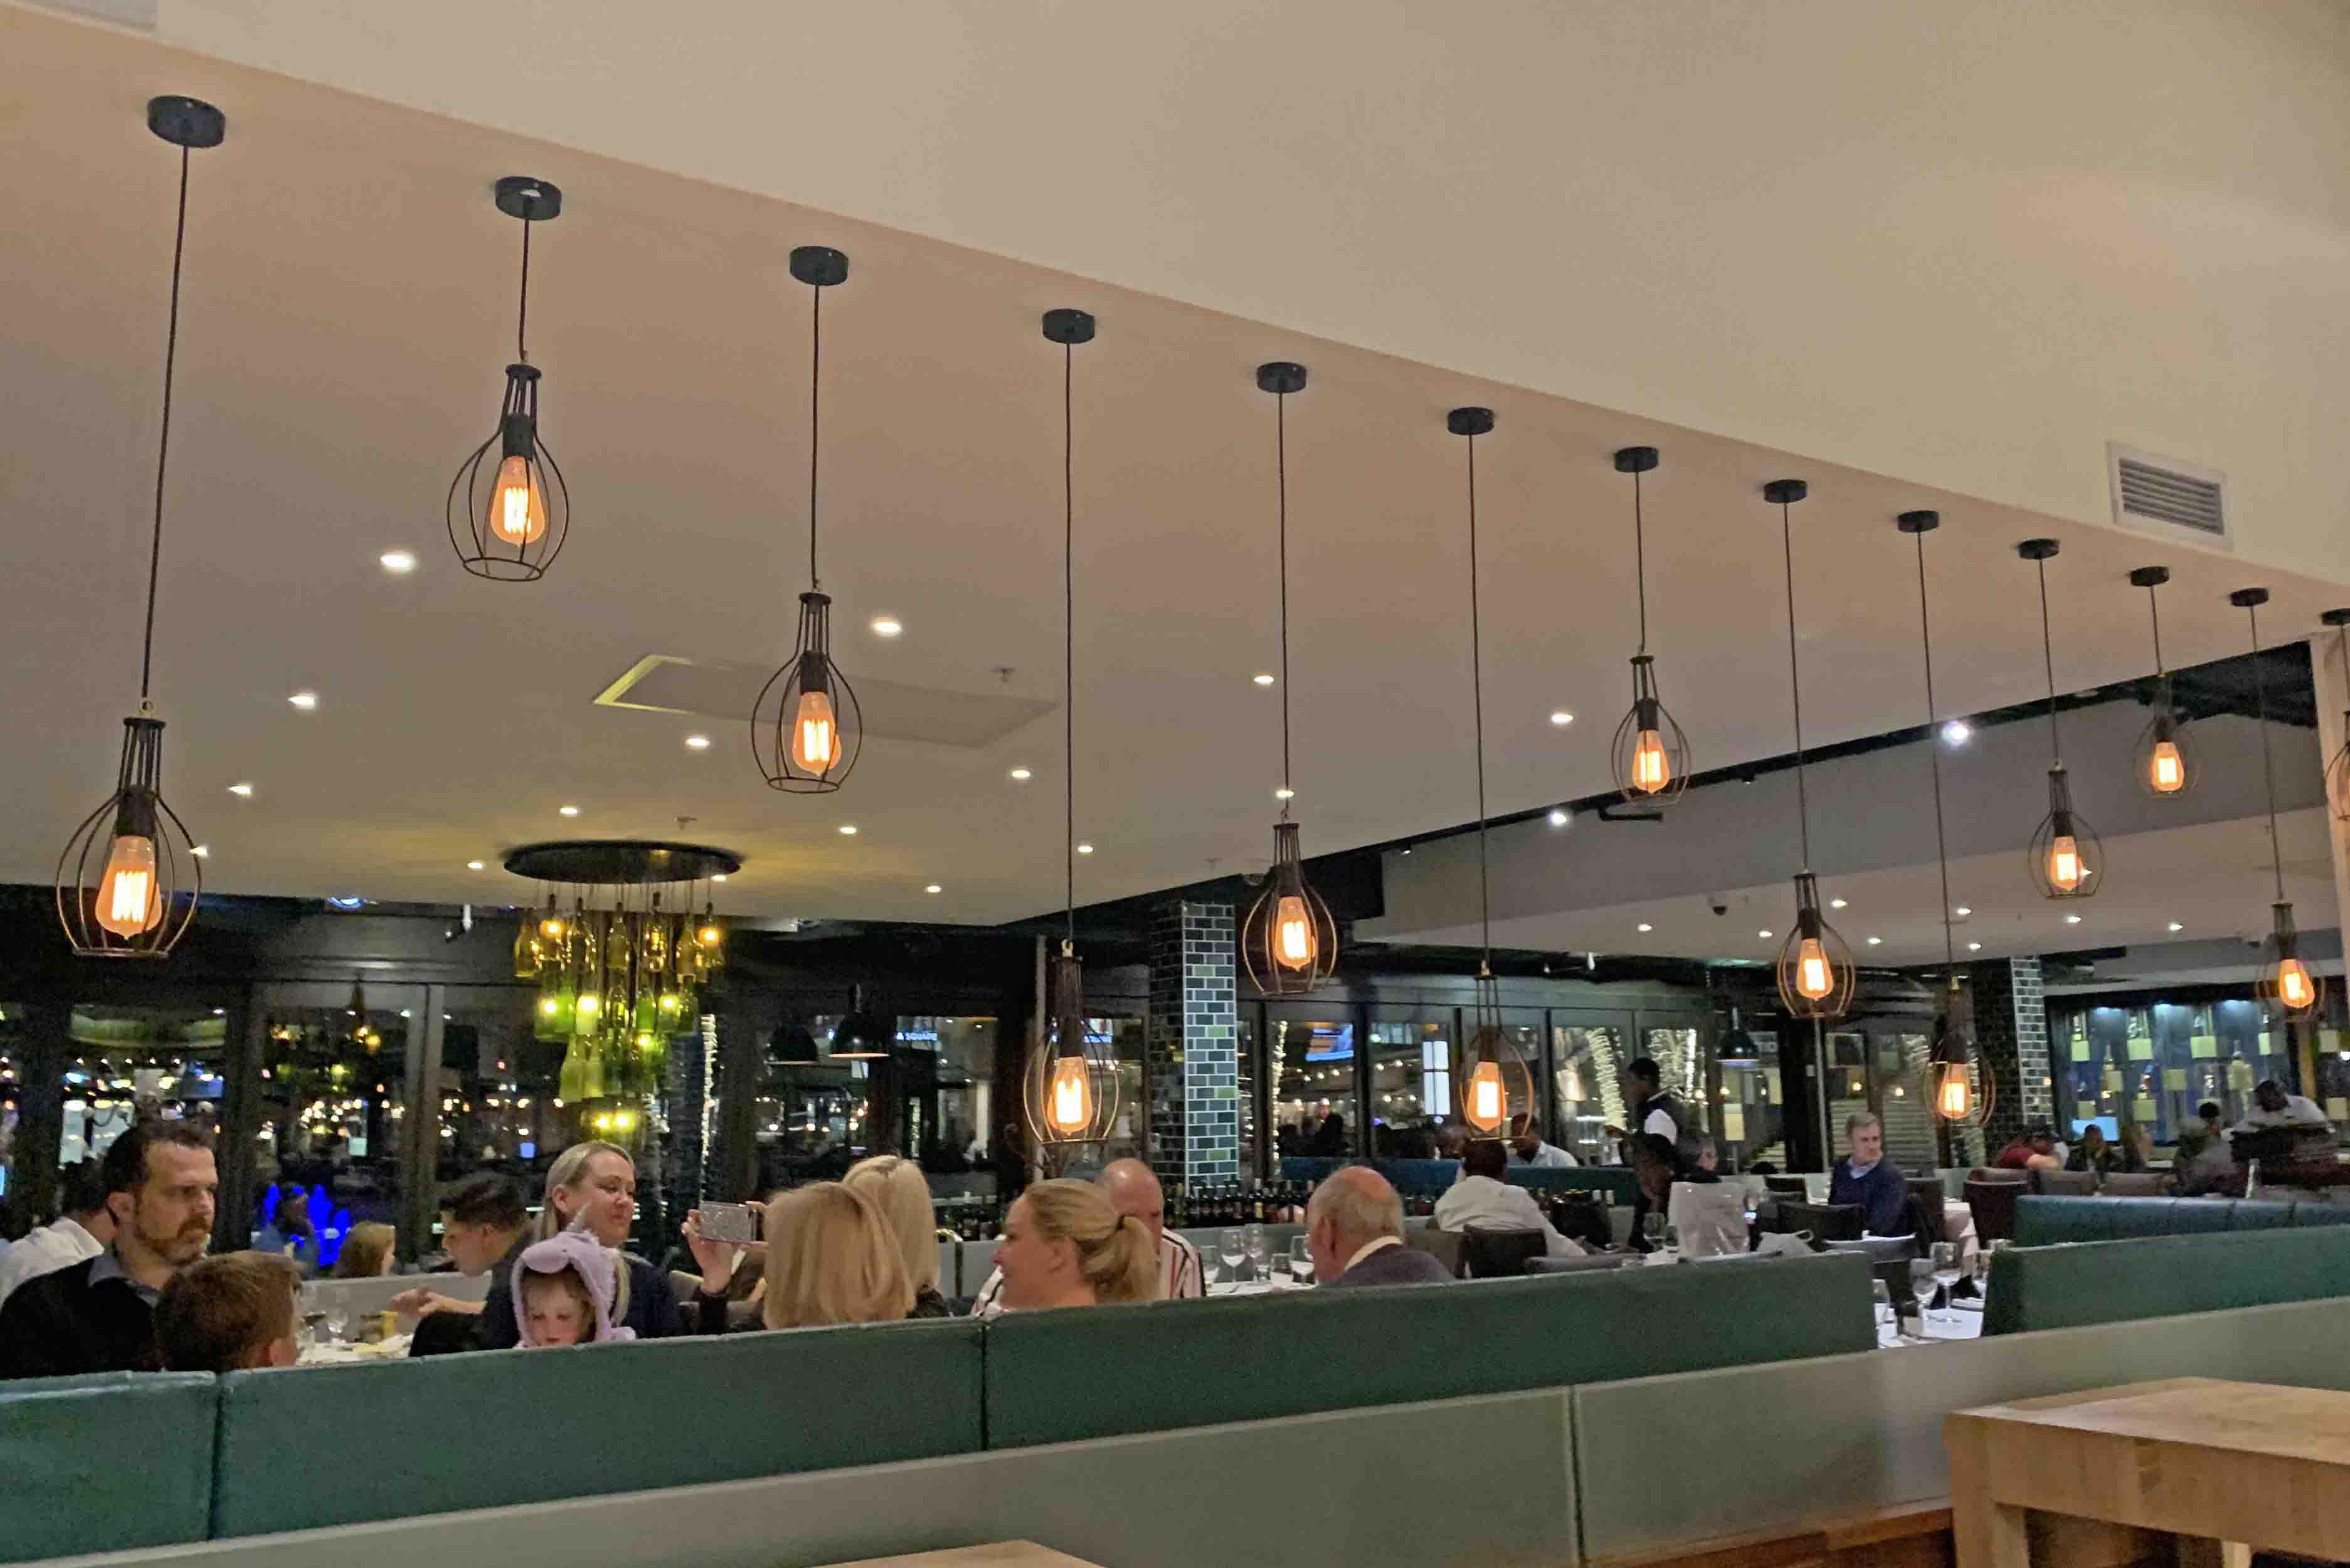 Dicas de restaurantes em Joanesburgo - onde comer - The Butcher Shop - Nelson Mandela Square